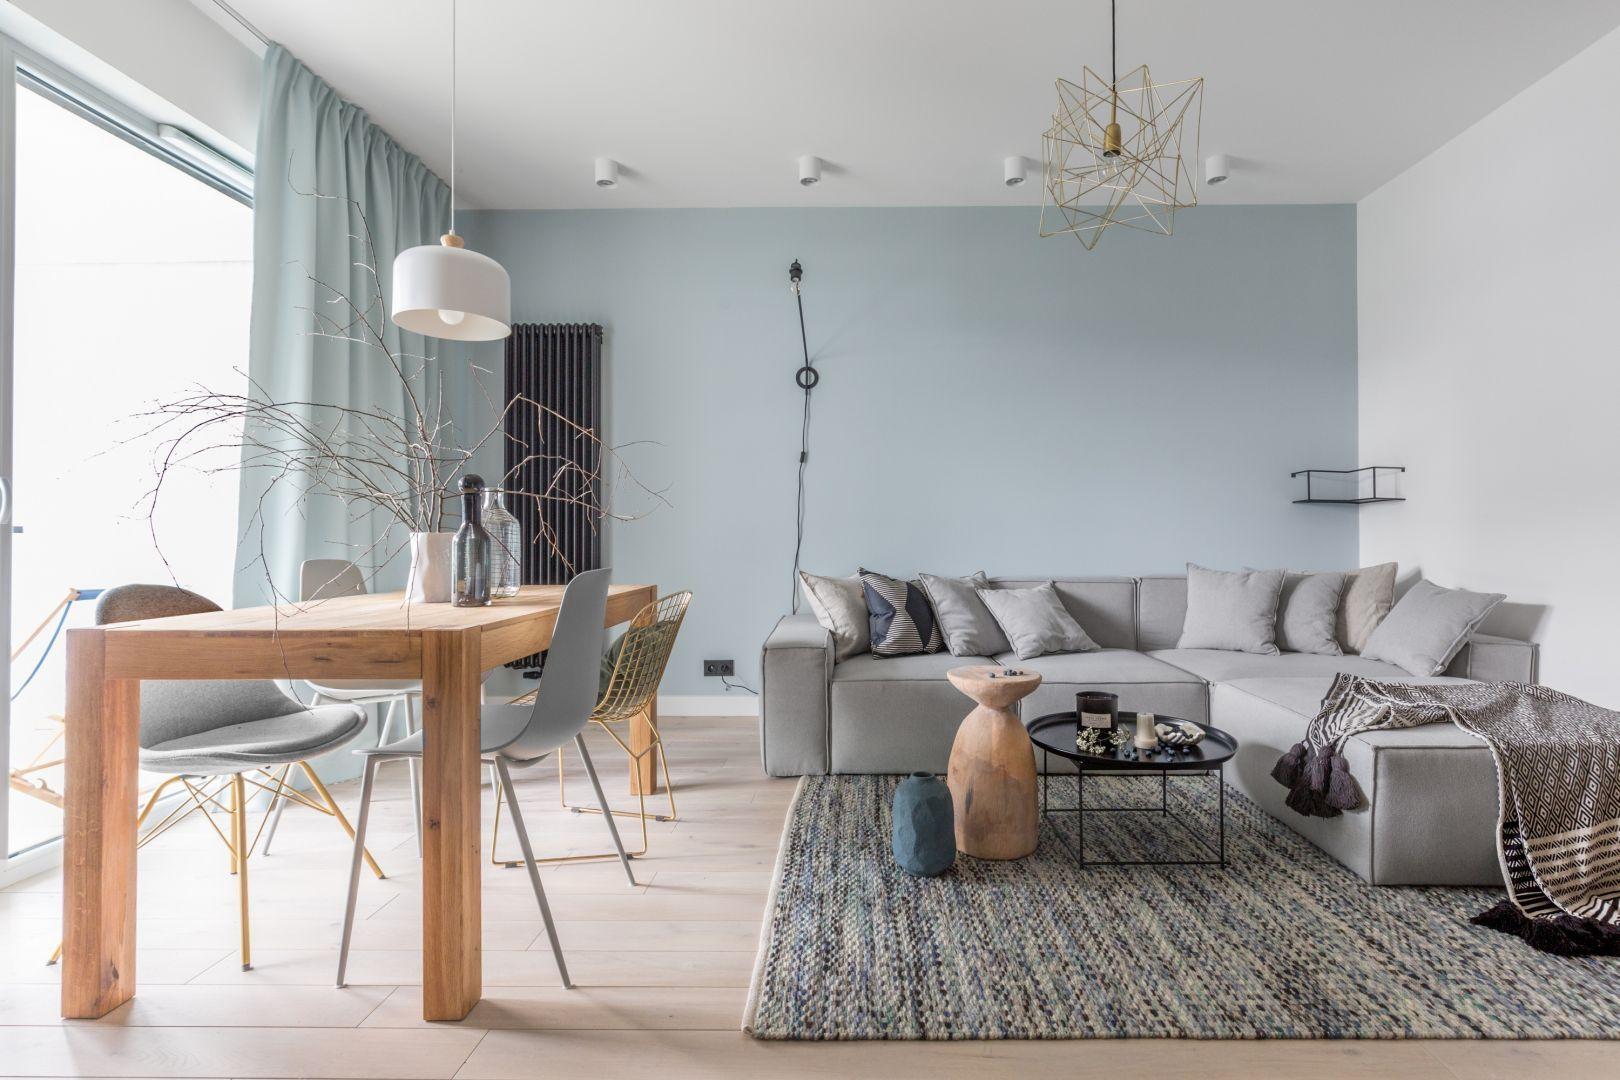 Dywan w salonie w modne pasy w skandynawskim klimacie. Projekt: Alina Fabirkowska. Fot. Pion Poziom